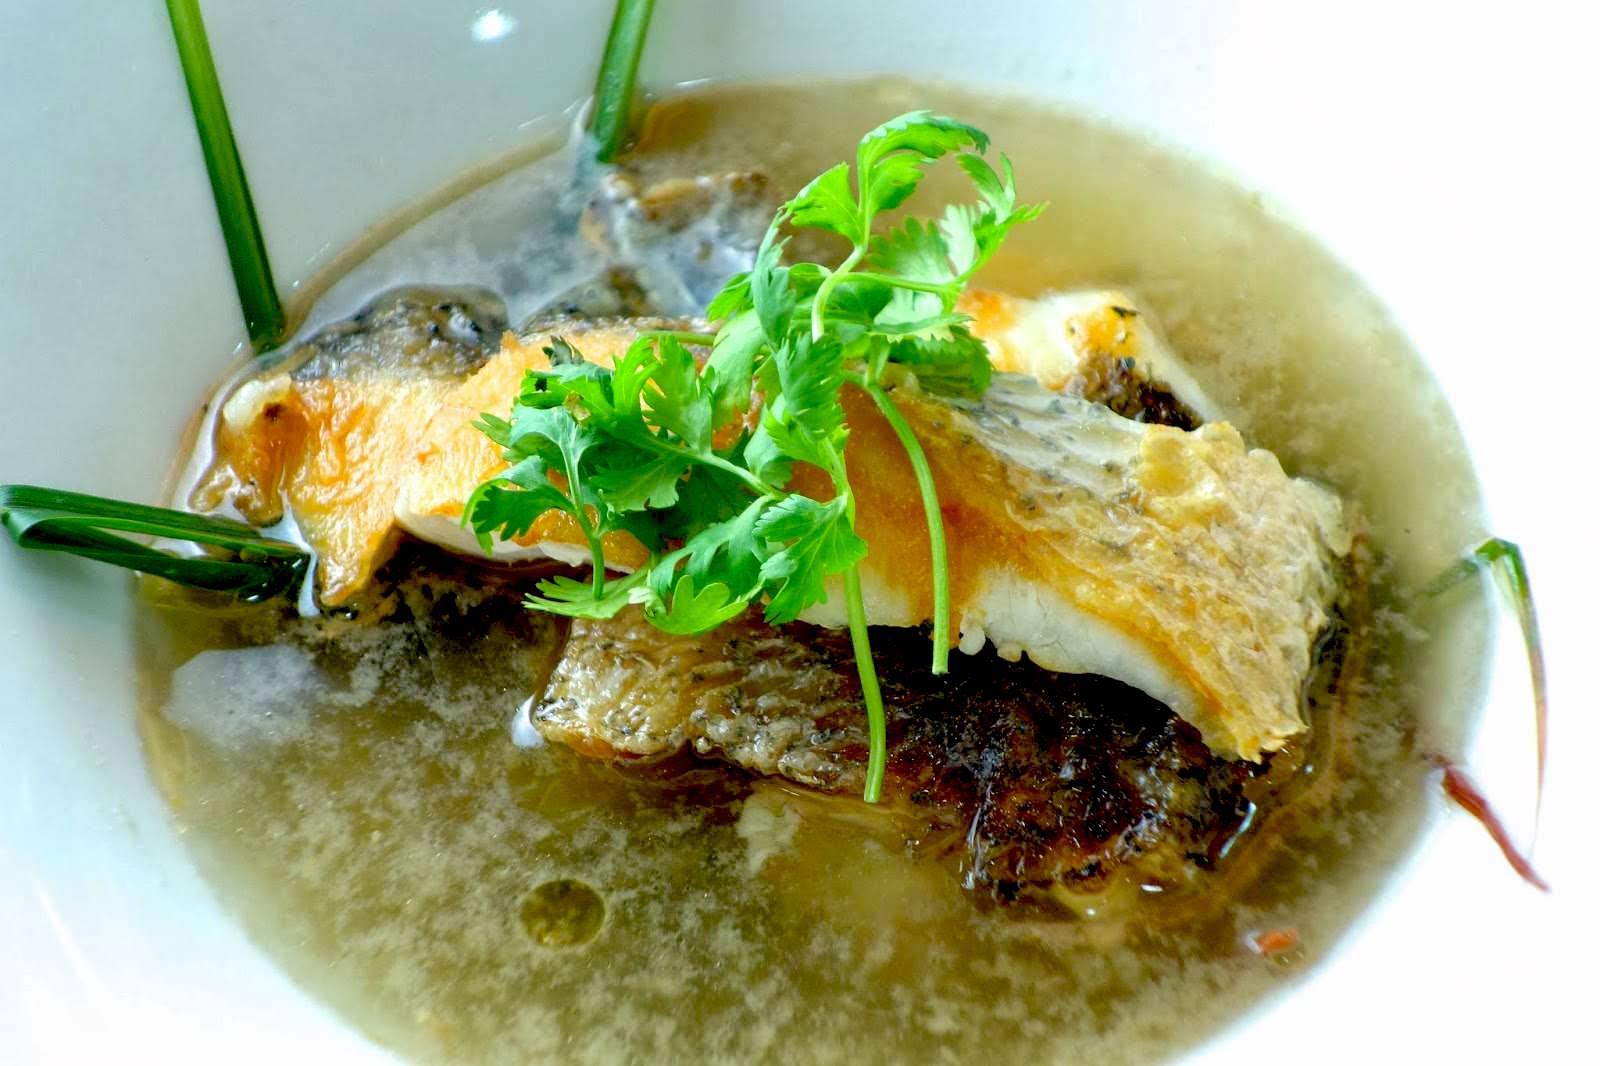 「嫩煮鱸魚湯 10 分鐘就能上桌!」只要多學這一招,魚肉會更營養香甜